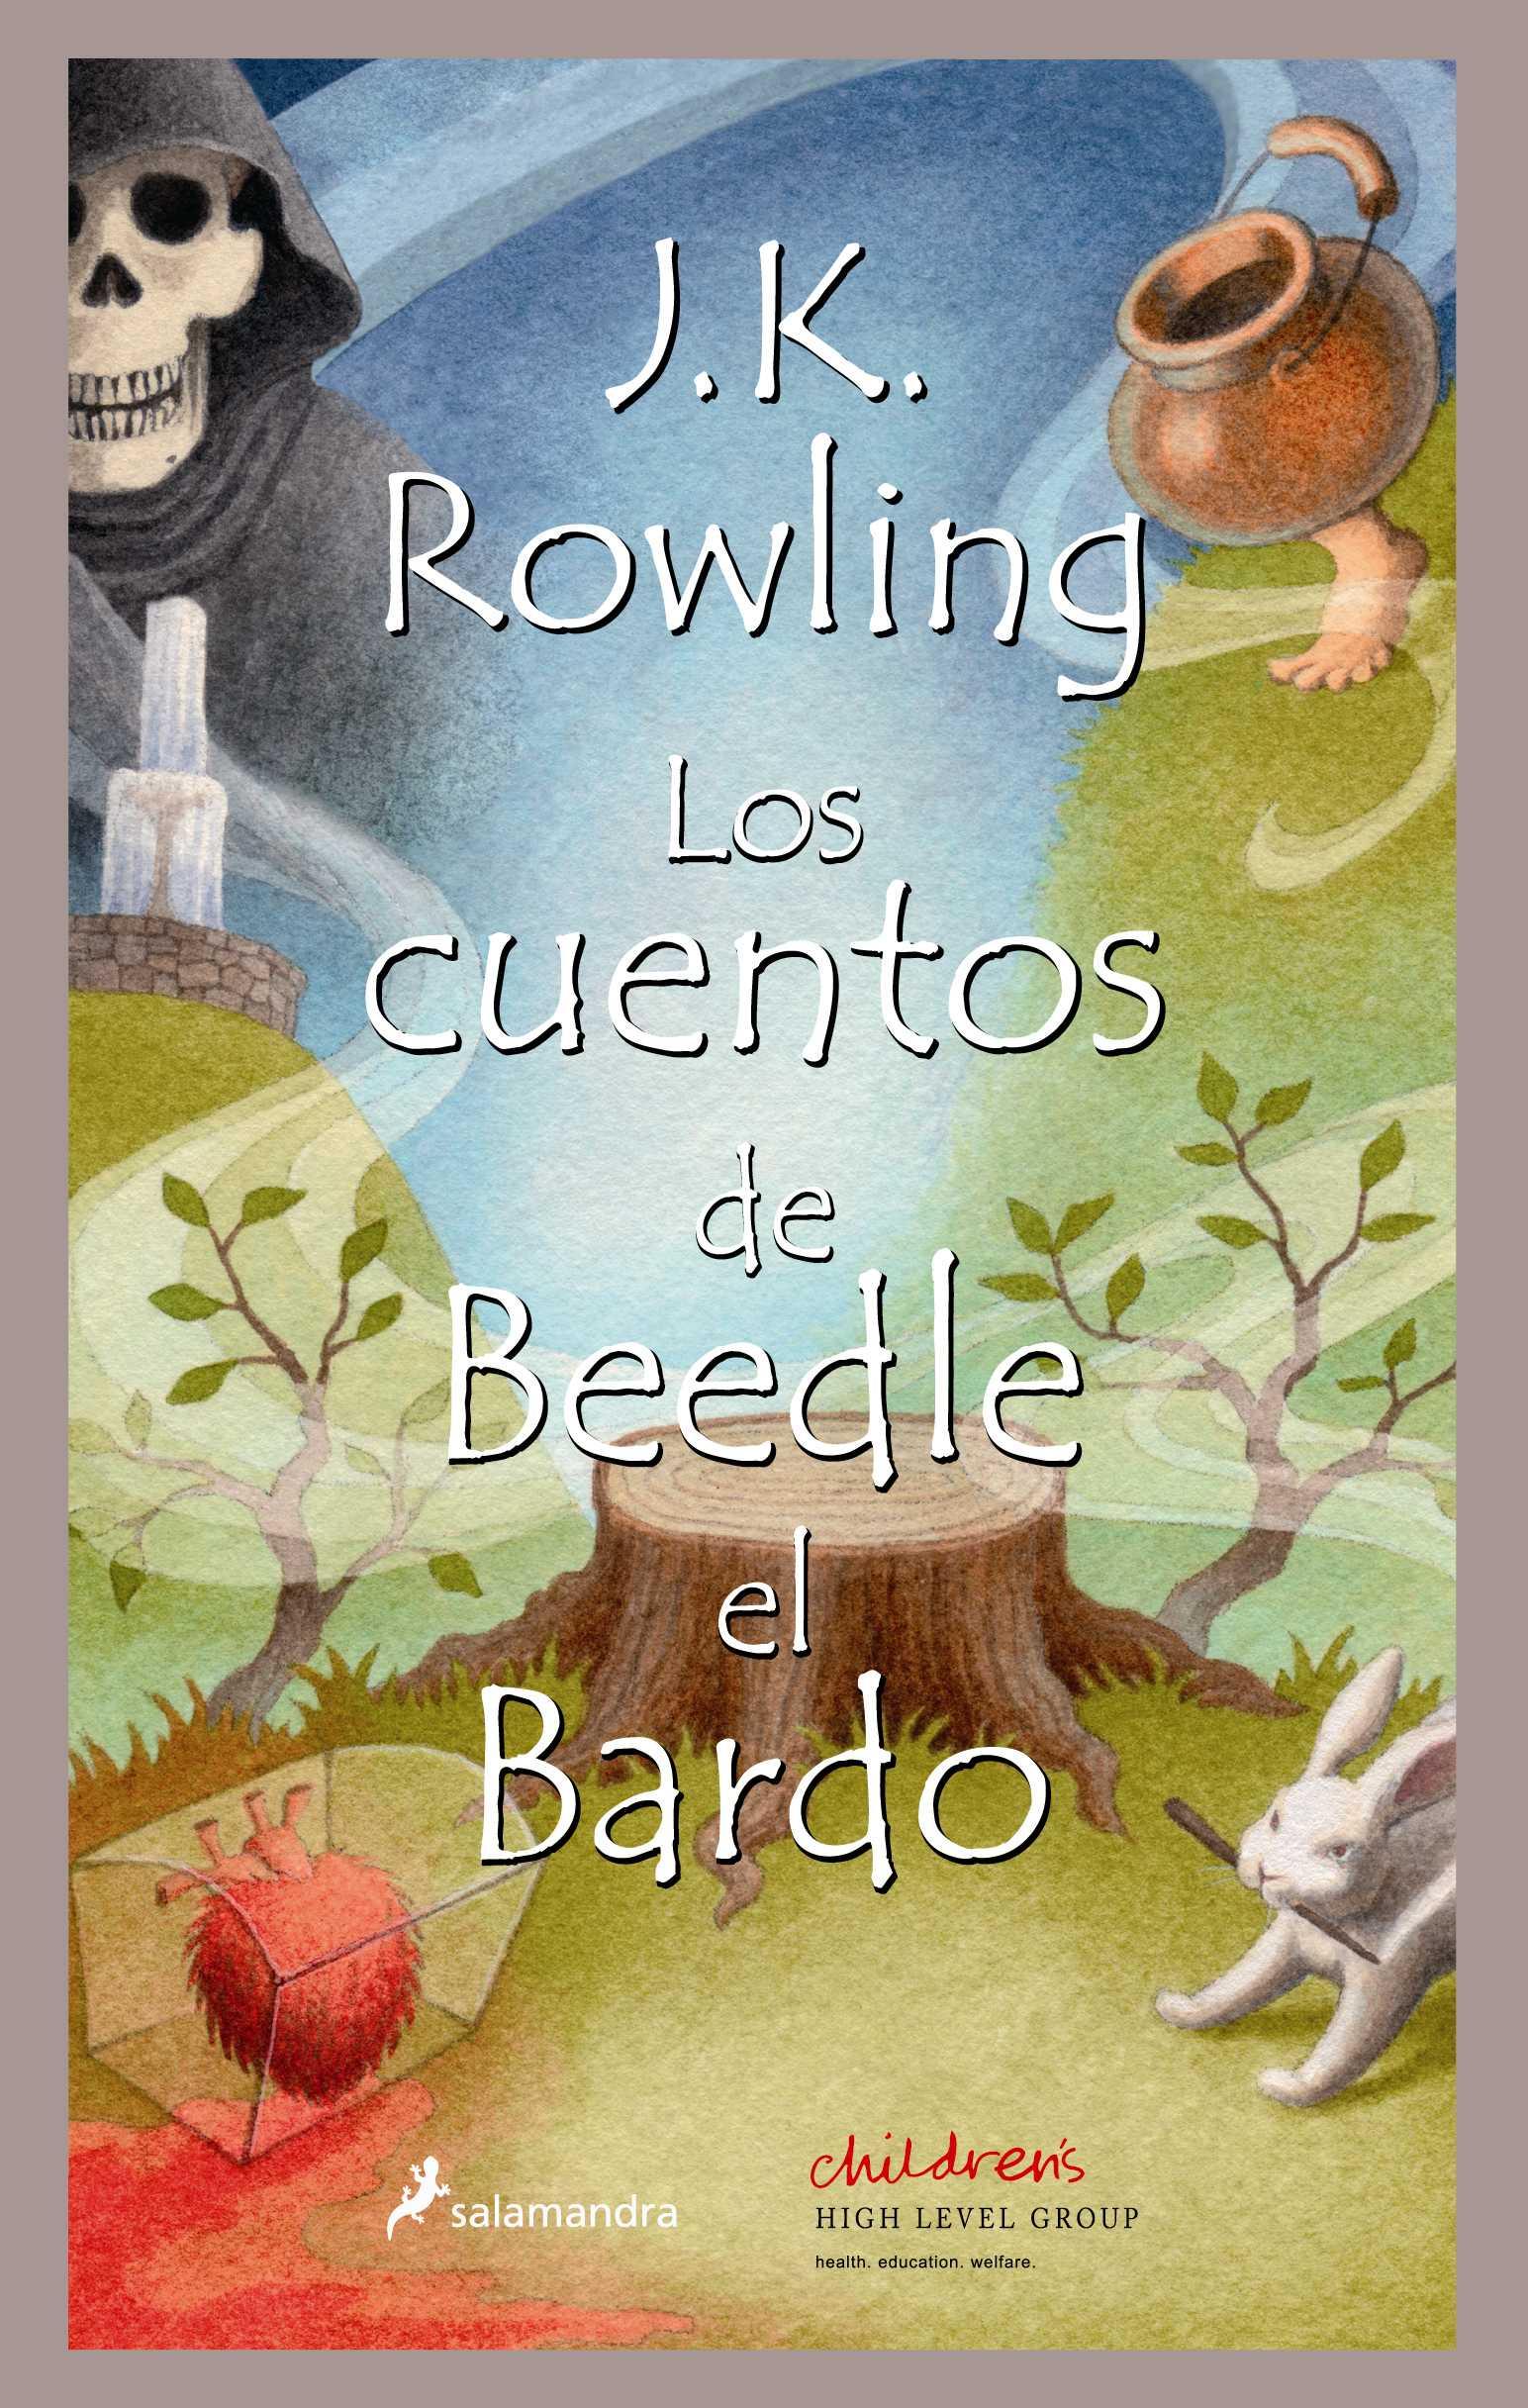 http://seacercaelinvierno.files.wordpress.com/2010/11/cuentos_de_beedle_el_bardo.jpg